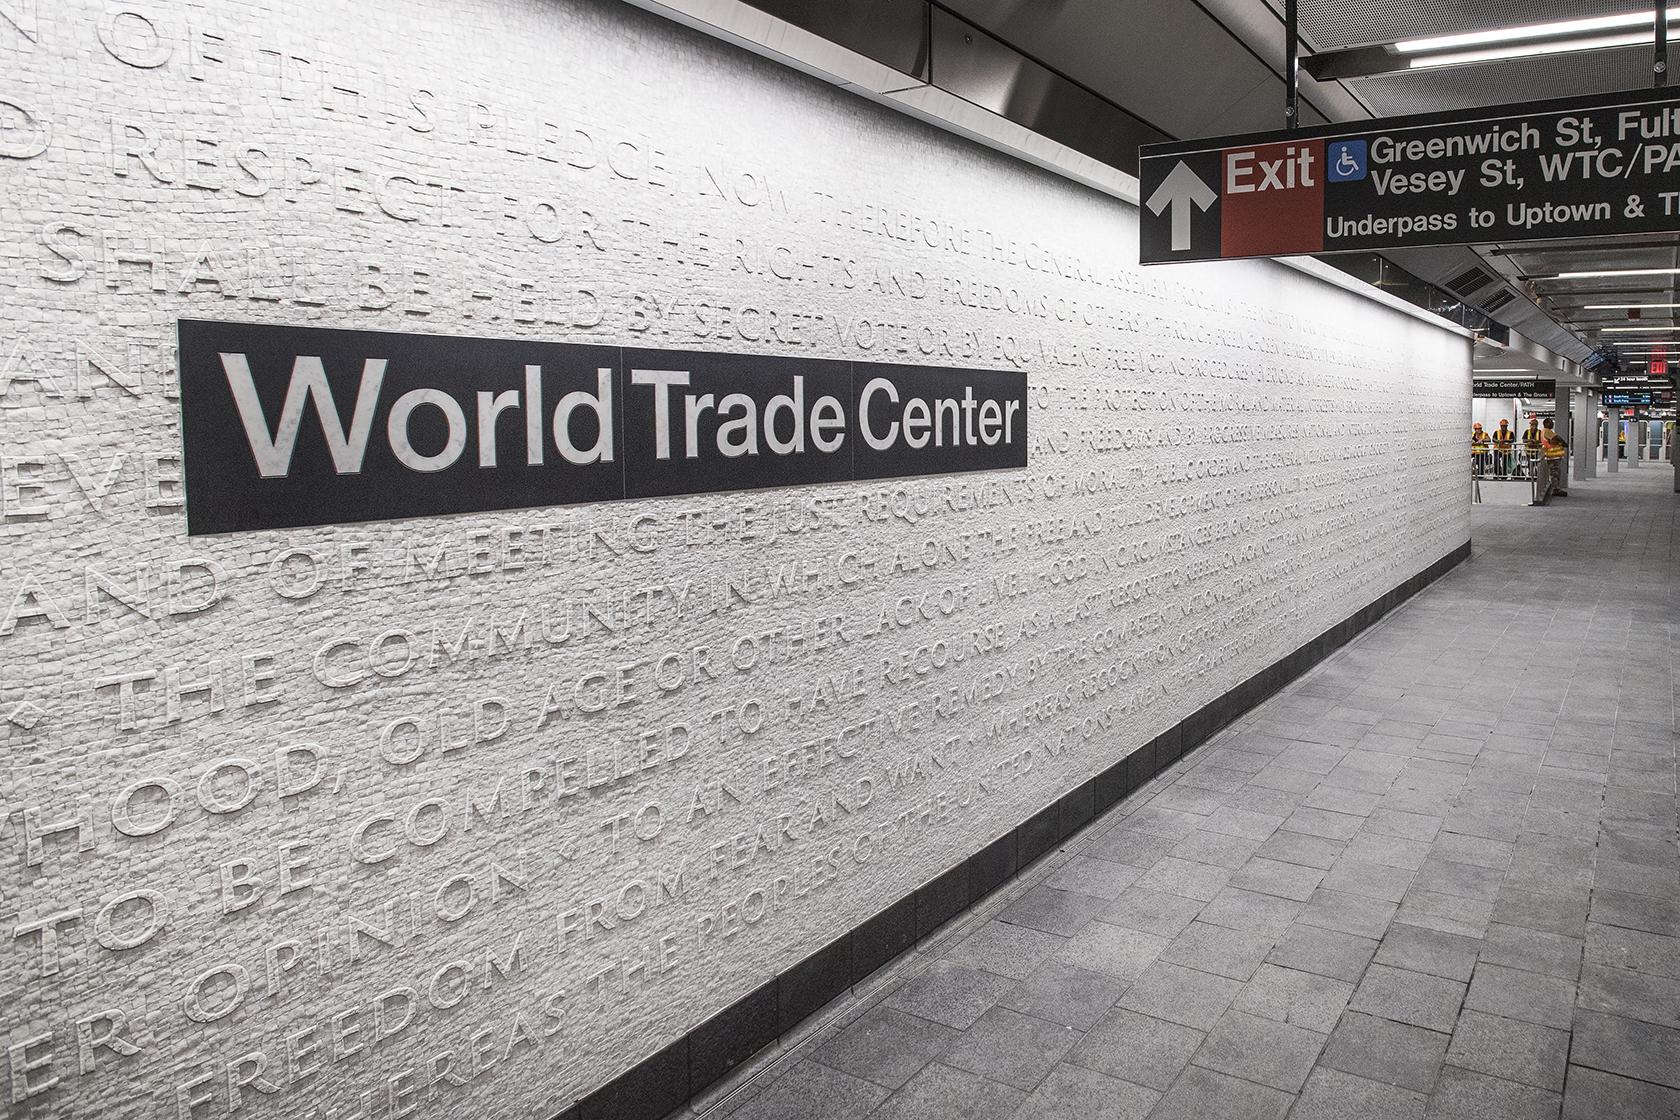 La Station De Métro WTC Cortlandt Street En Photos